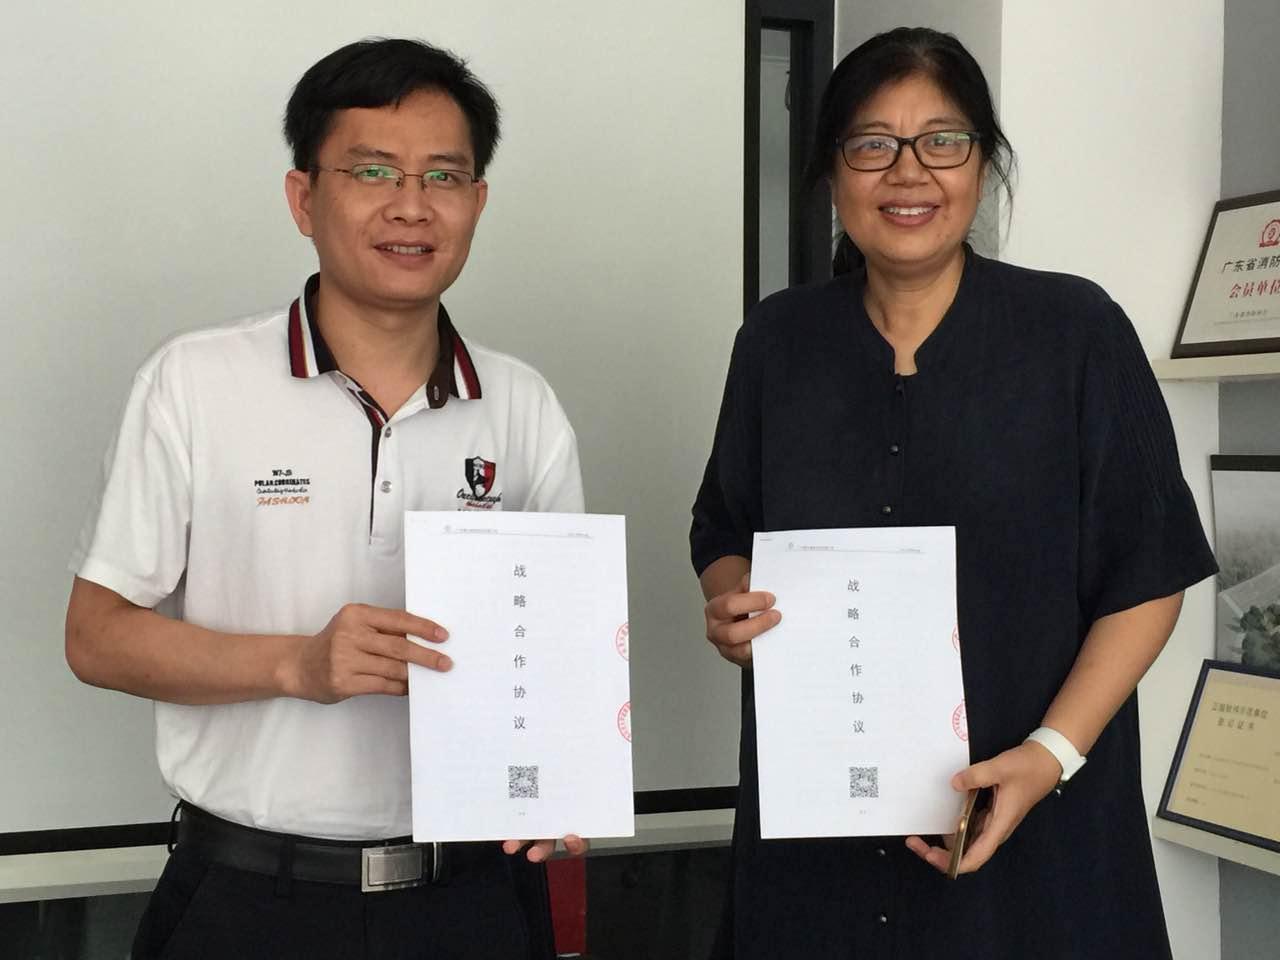 集团与西安建筑科技大学建筑设计研究珠海分院签定共同成立秉木珠海分公司